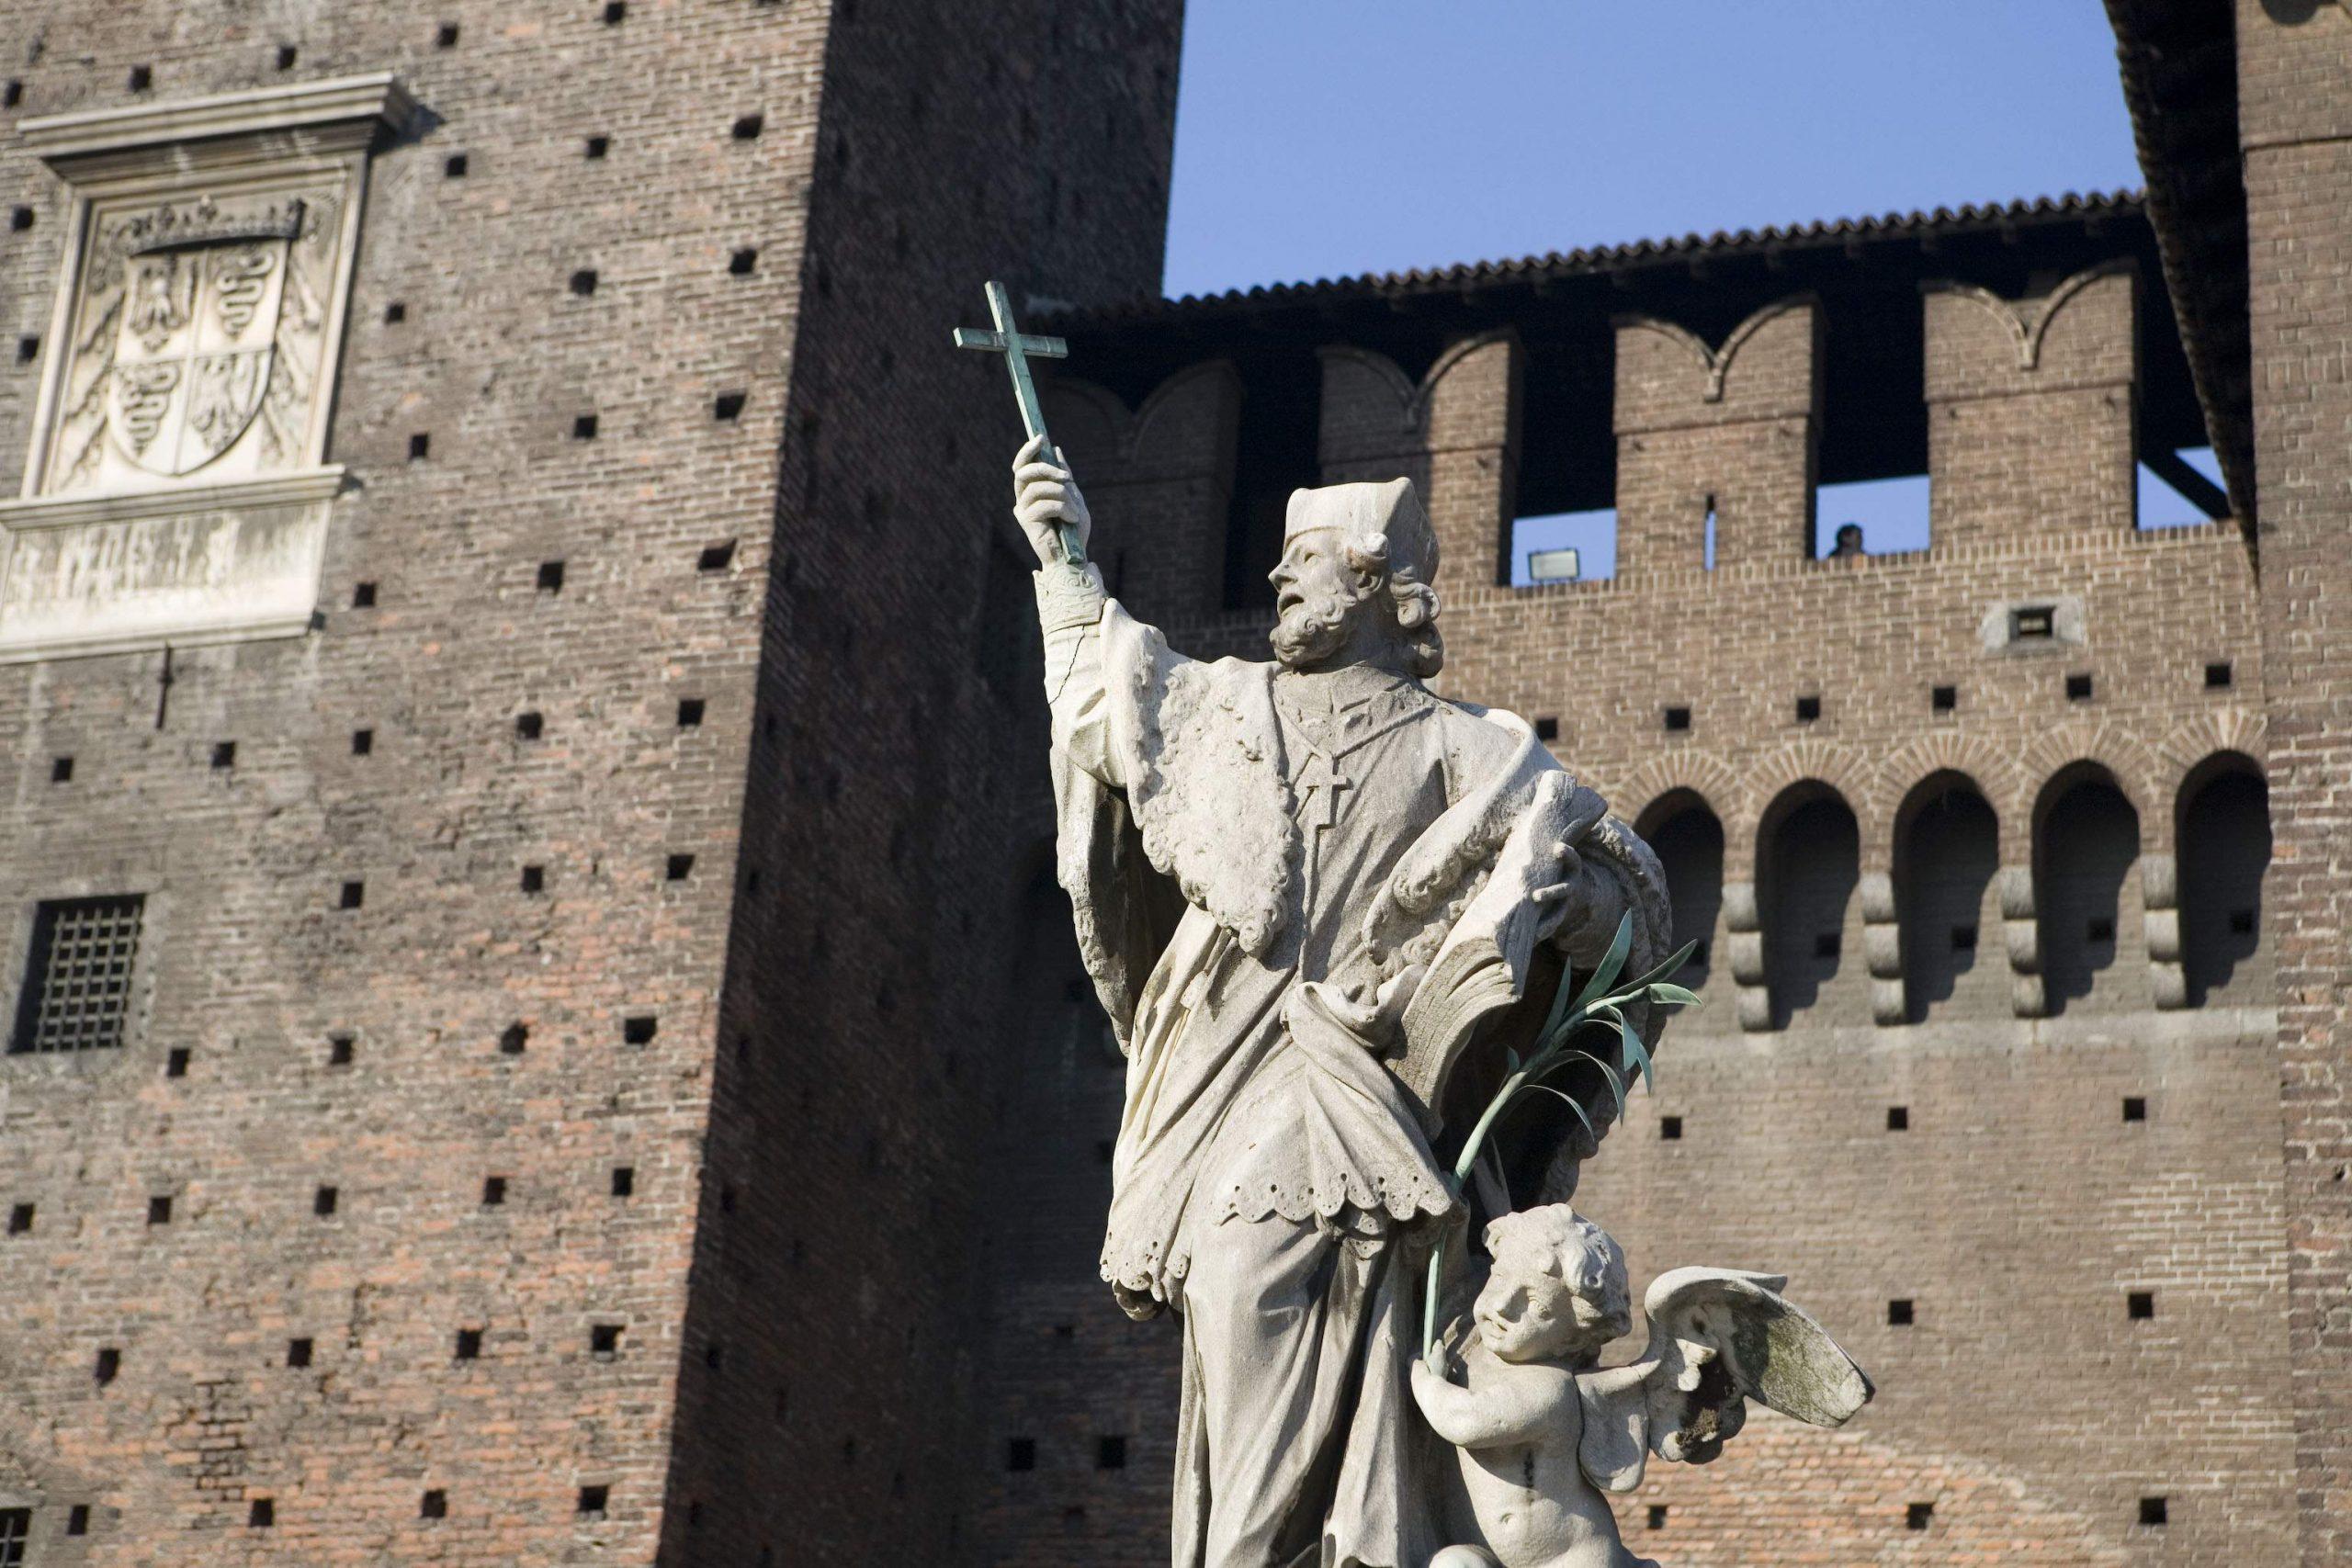 スフォルツェスコ城の石像